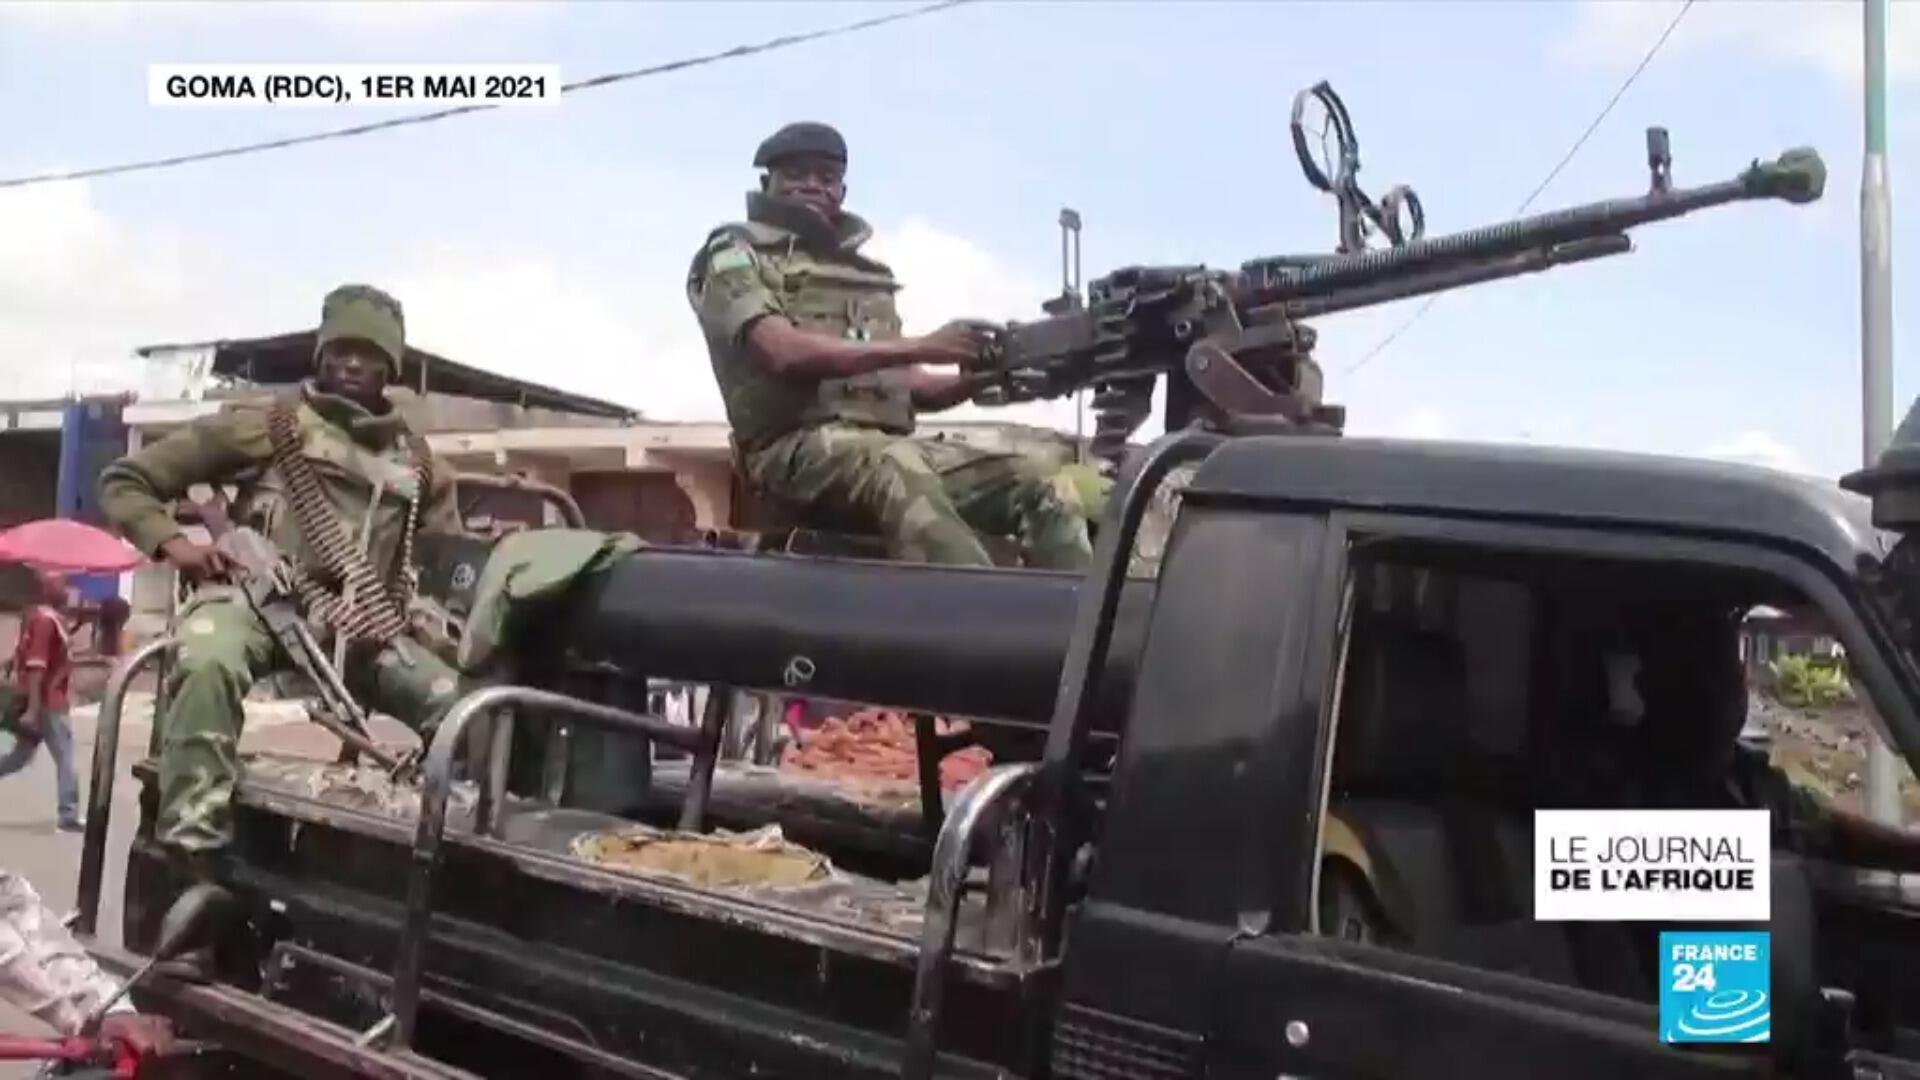 RDC : le président Tshisekedi annonce le début de l'état de siège en Ituri et au Nord-Kivu jeudi